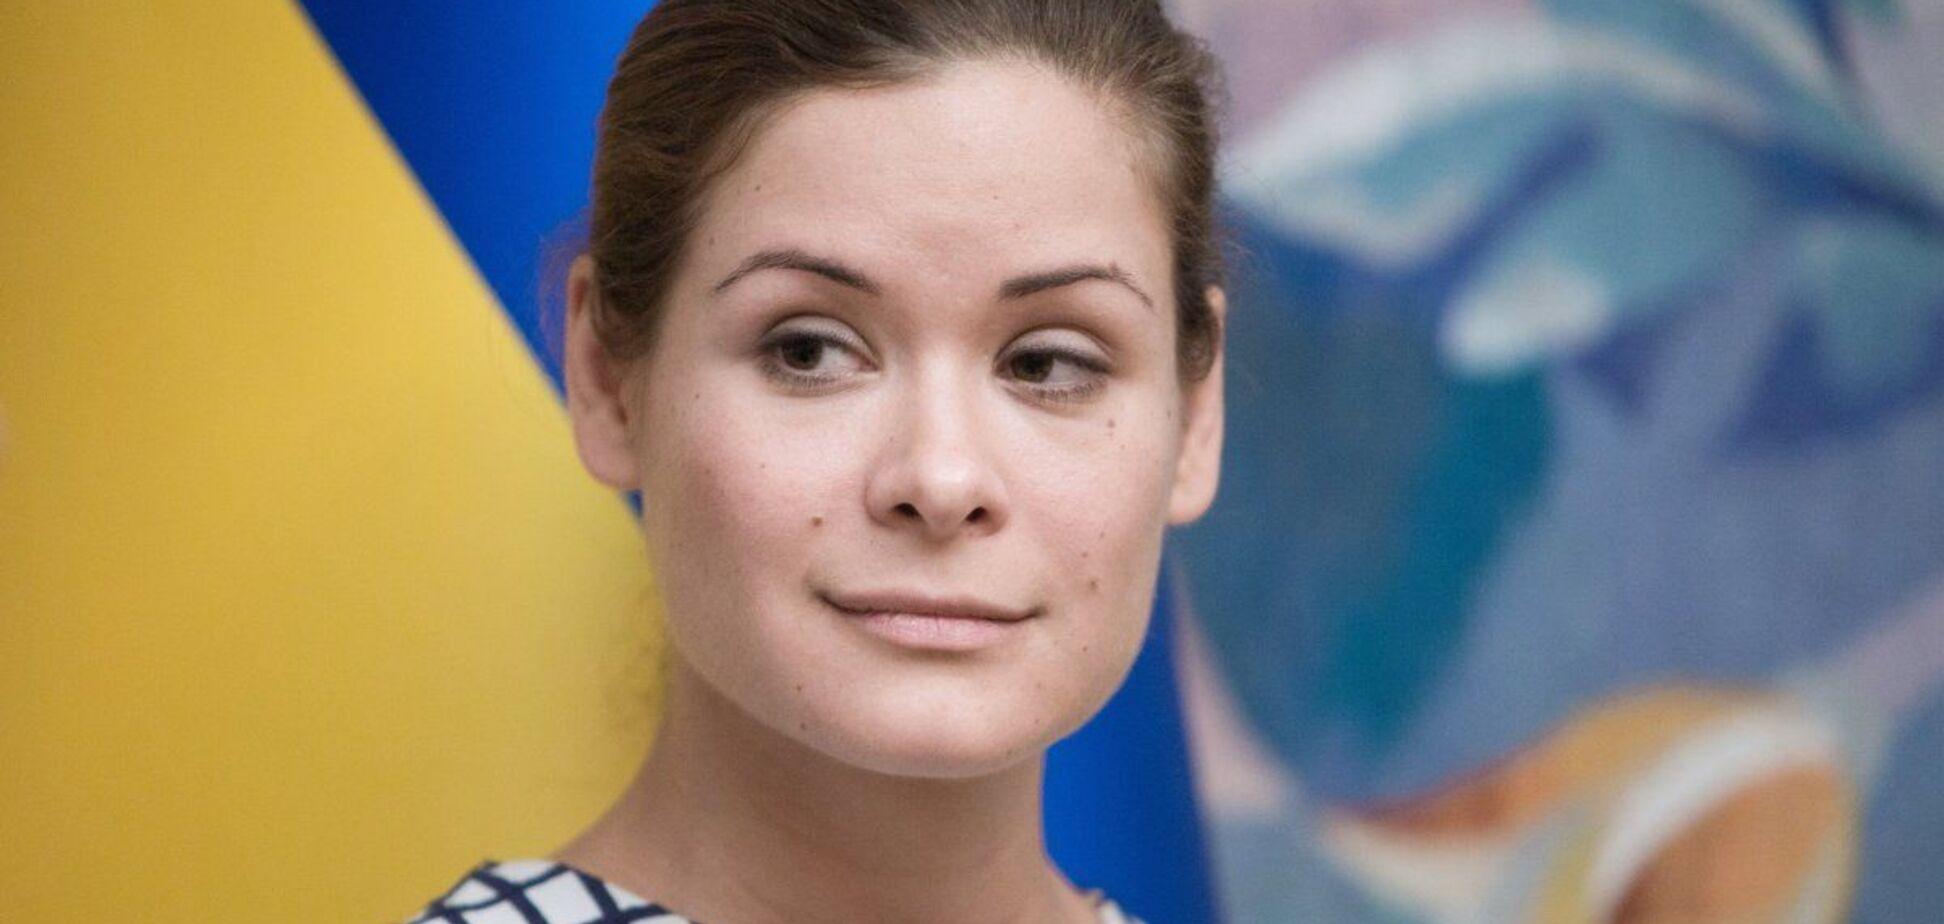 Беглая российская оппозиционерка сложила свои полномочия в Украине